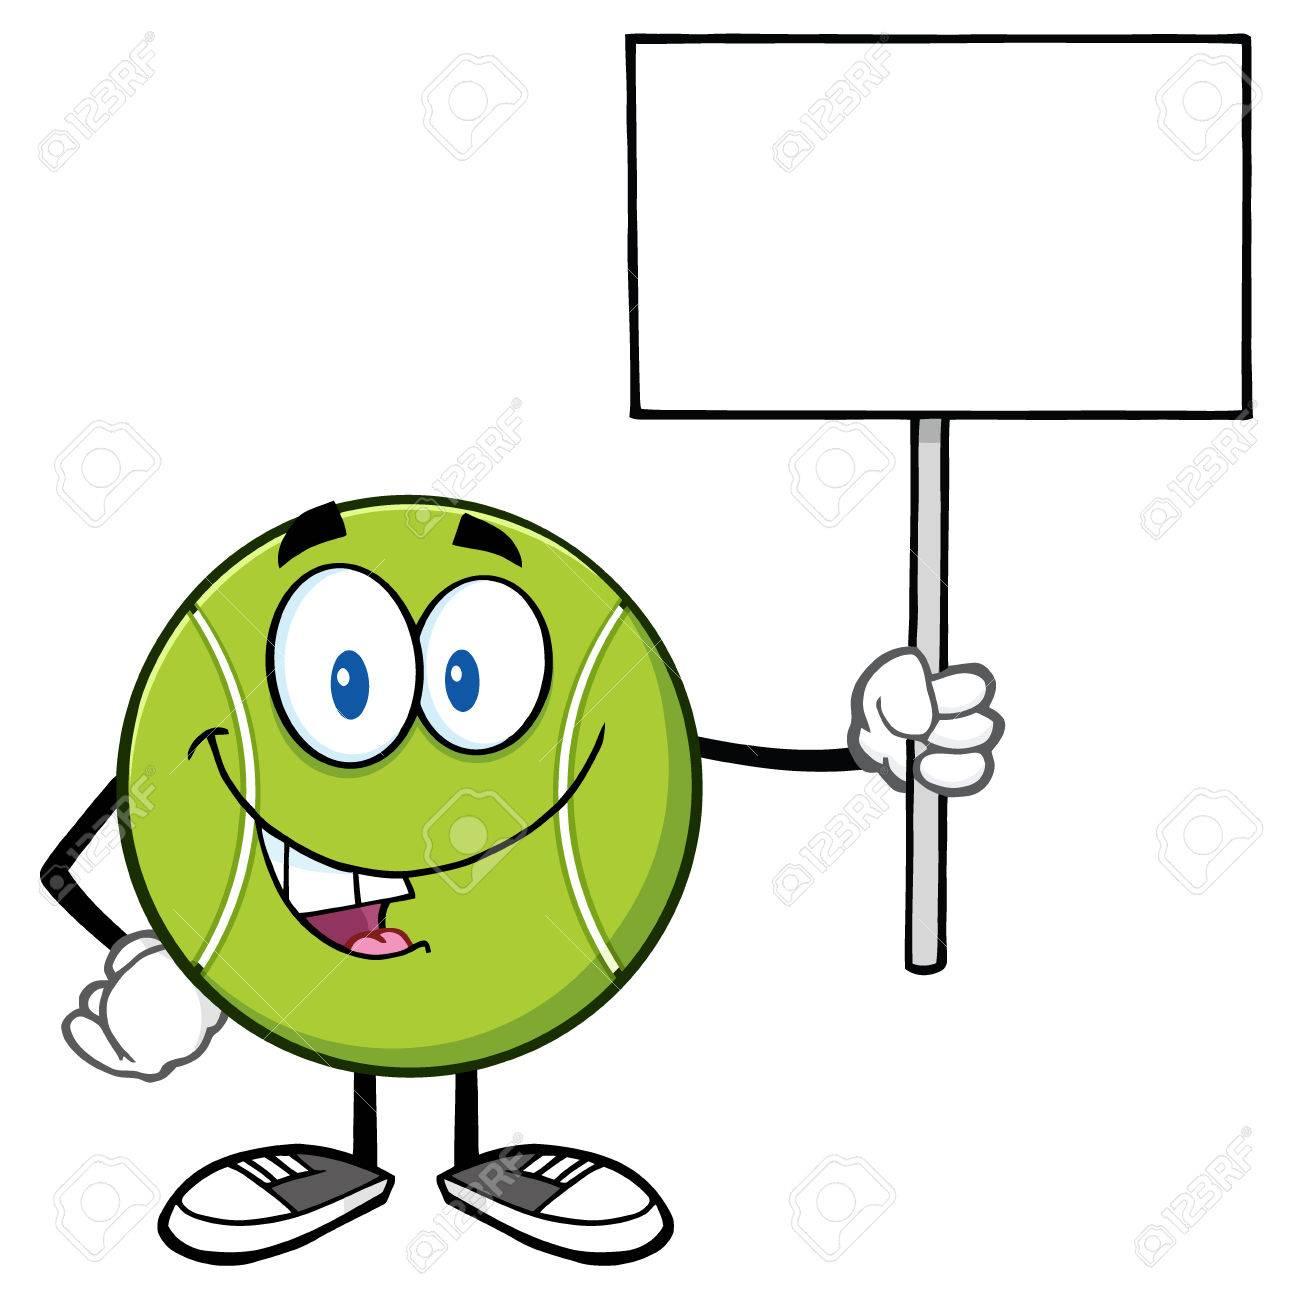 Tennis ball mascot stock photos tennis ball mascot stock photography - Stock Photo Talking Tennis Ball Cartoon Mascot Character Holding A Blank Sign